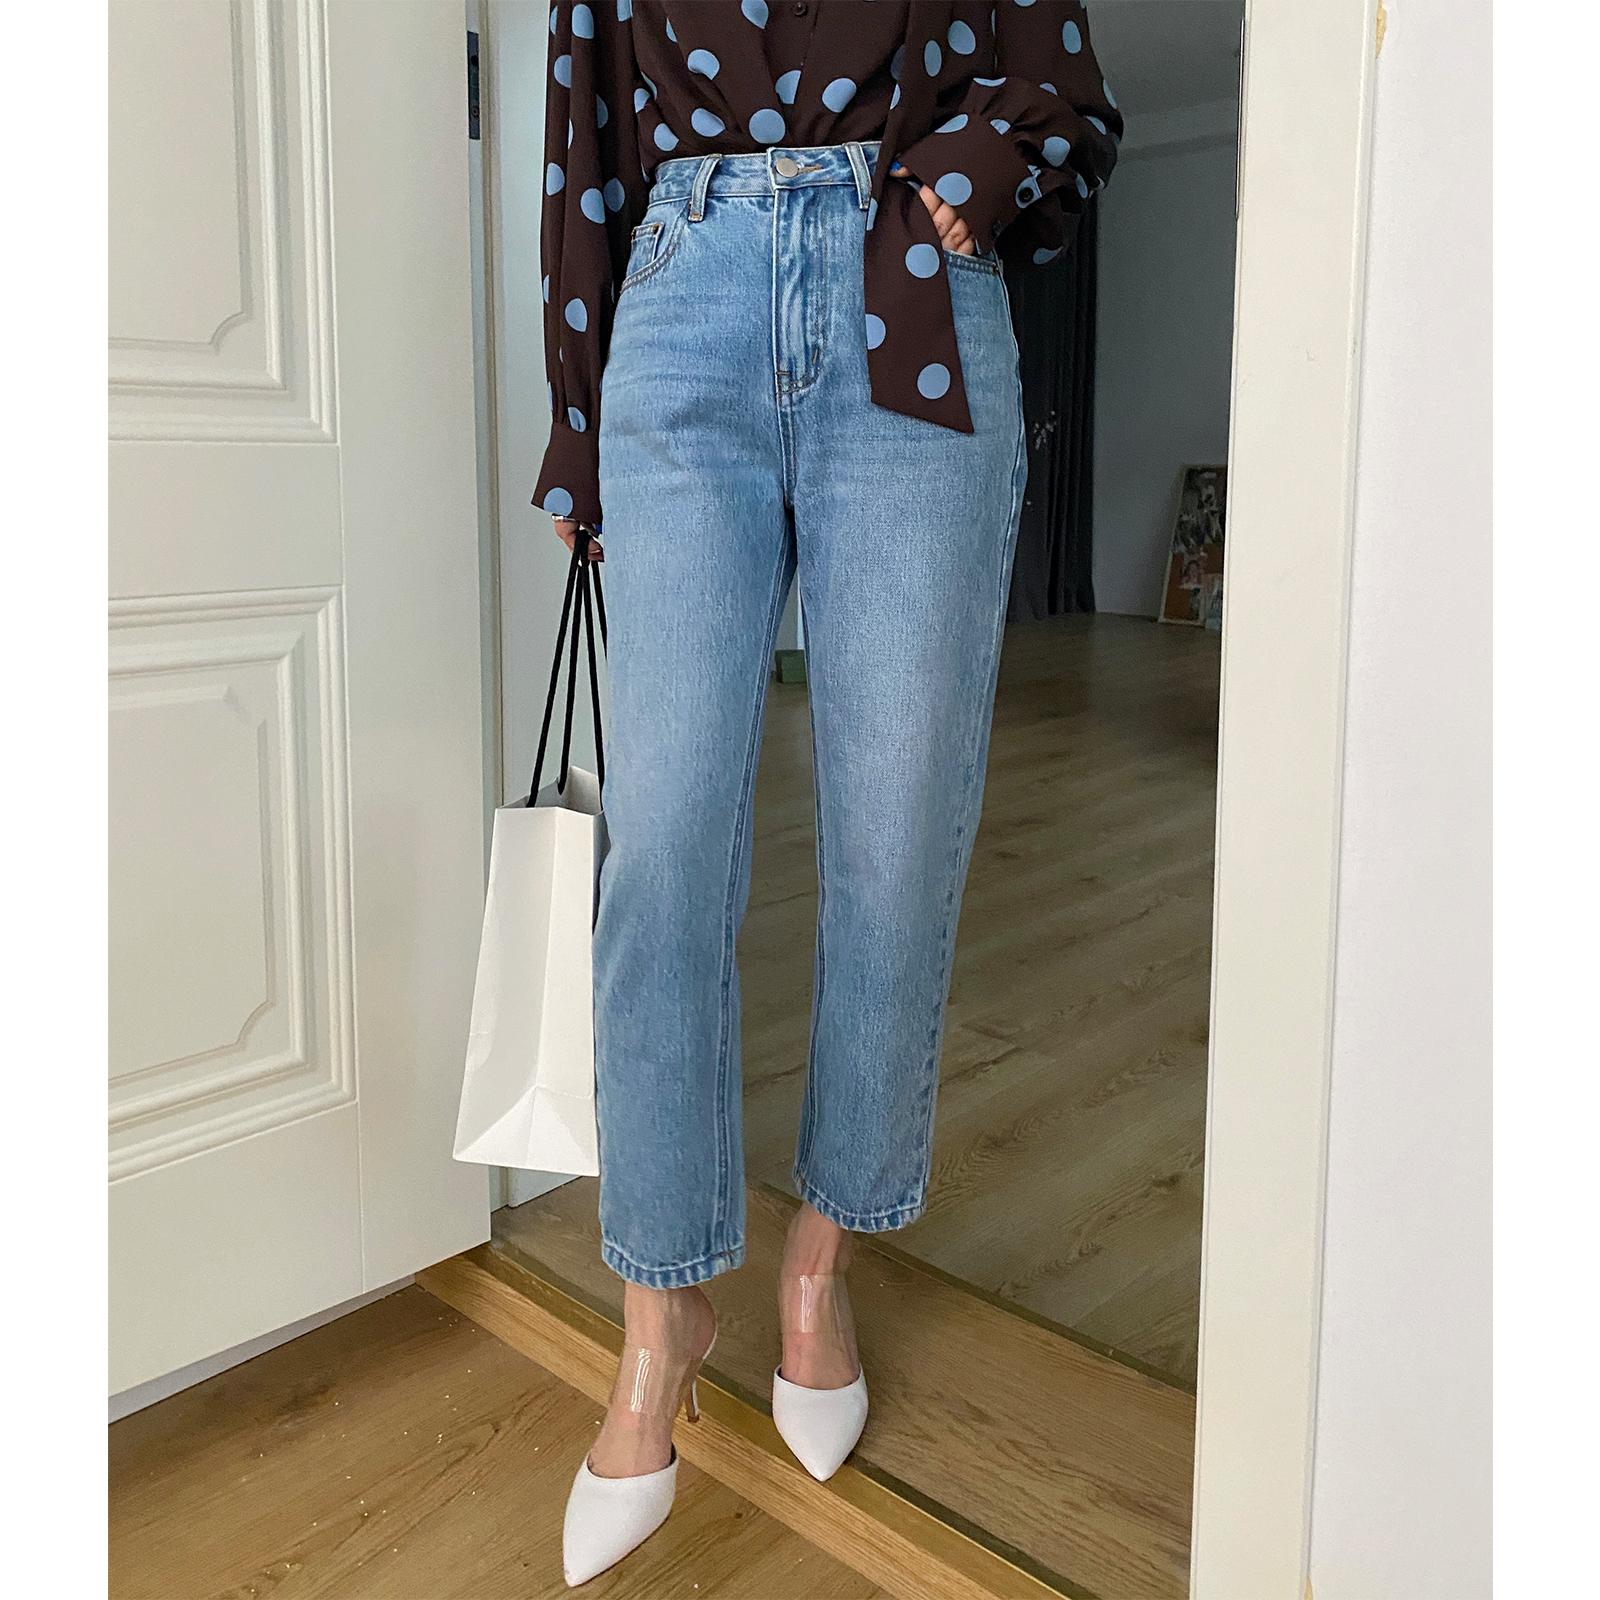 DALU 颜色版型赞爆的宽松高腰牛仔裤 直通九分裤女 2021年新款